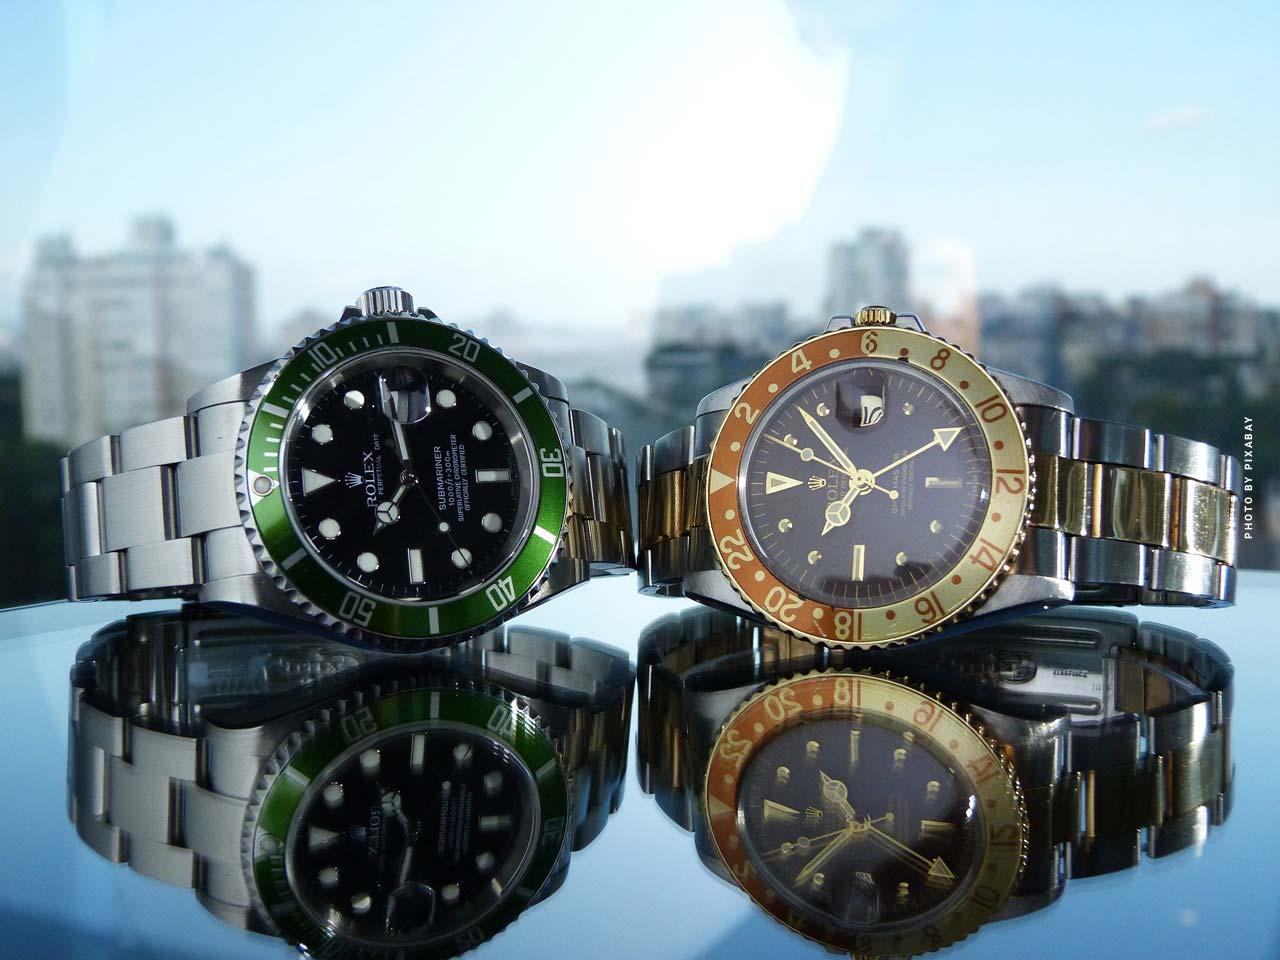 L'orologio Rolex più costoso: Price & modelli Daytona, Day Date, Submariner - Top 10